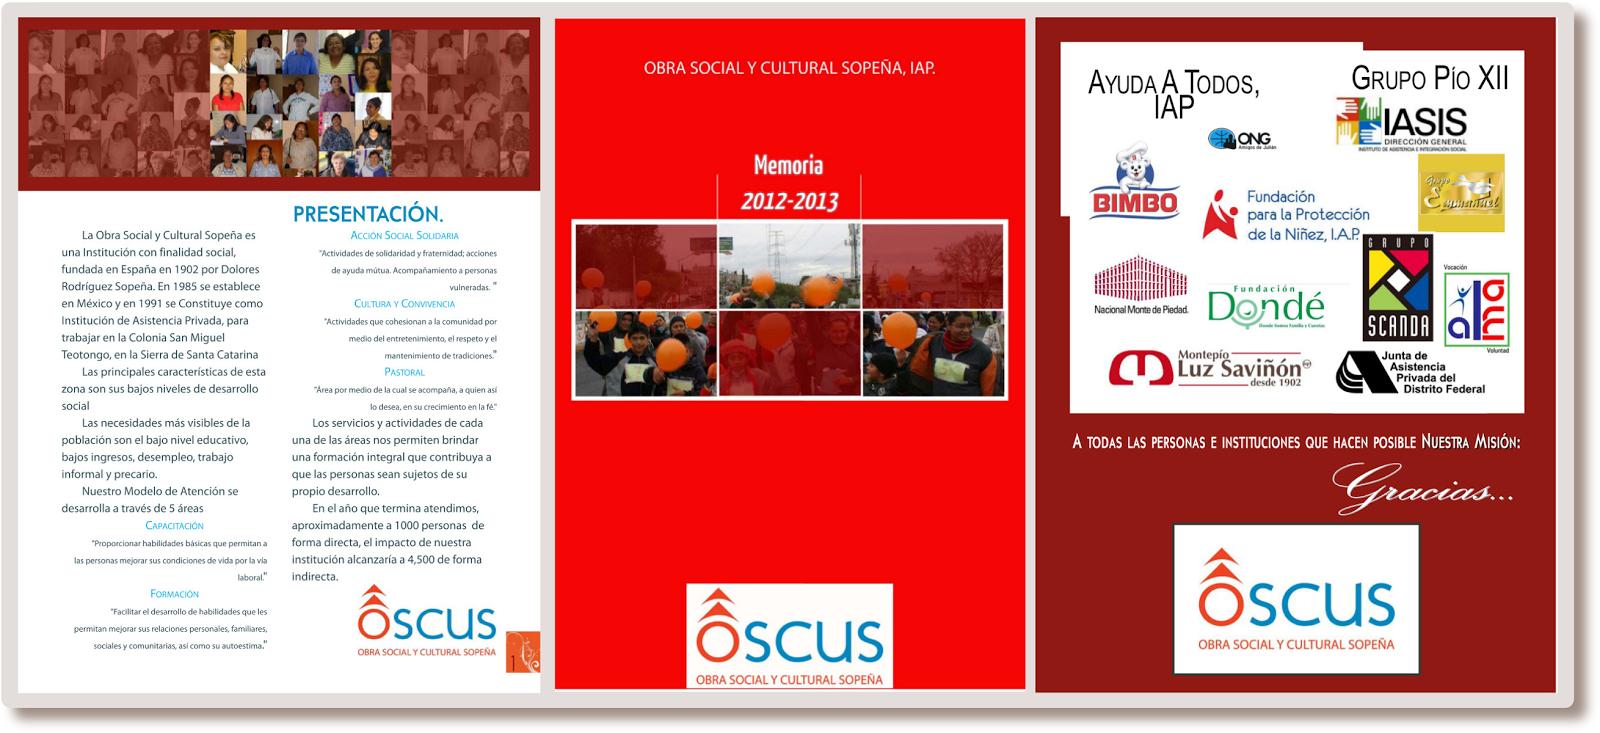 Memoria 2012-2013